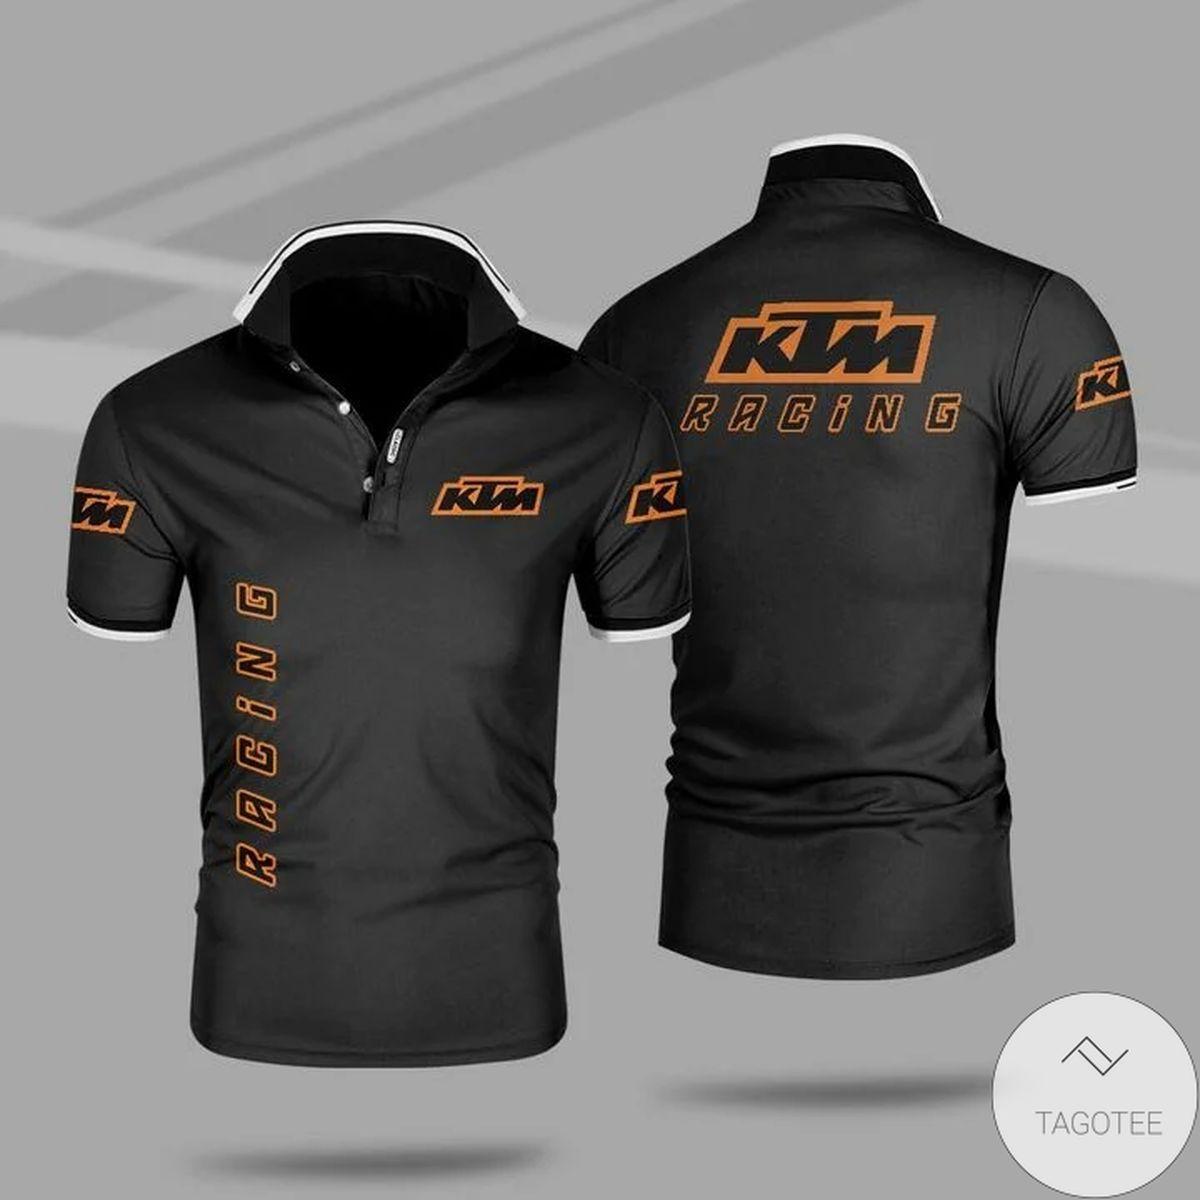 Ktm Racing Polo Shirt